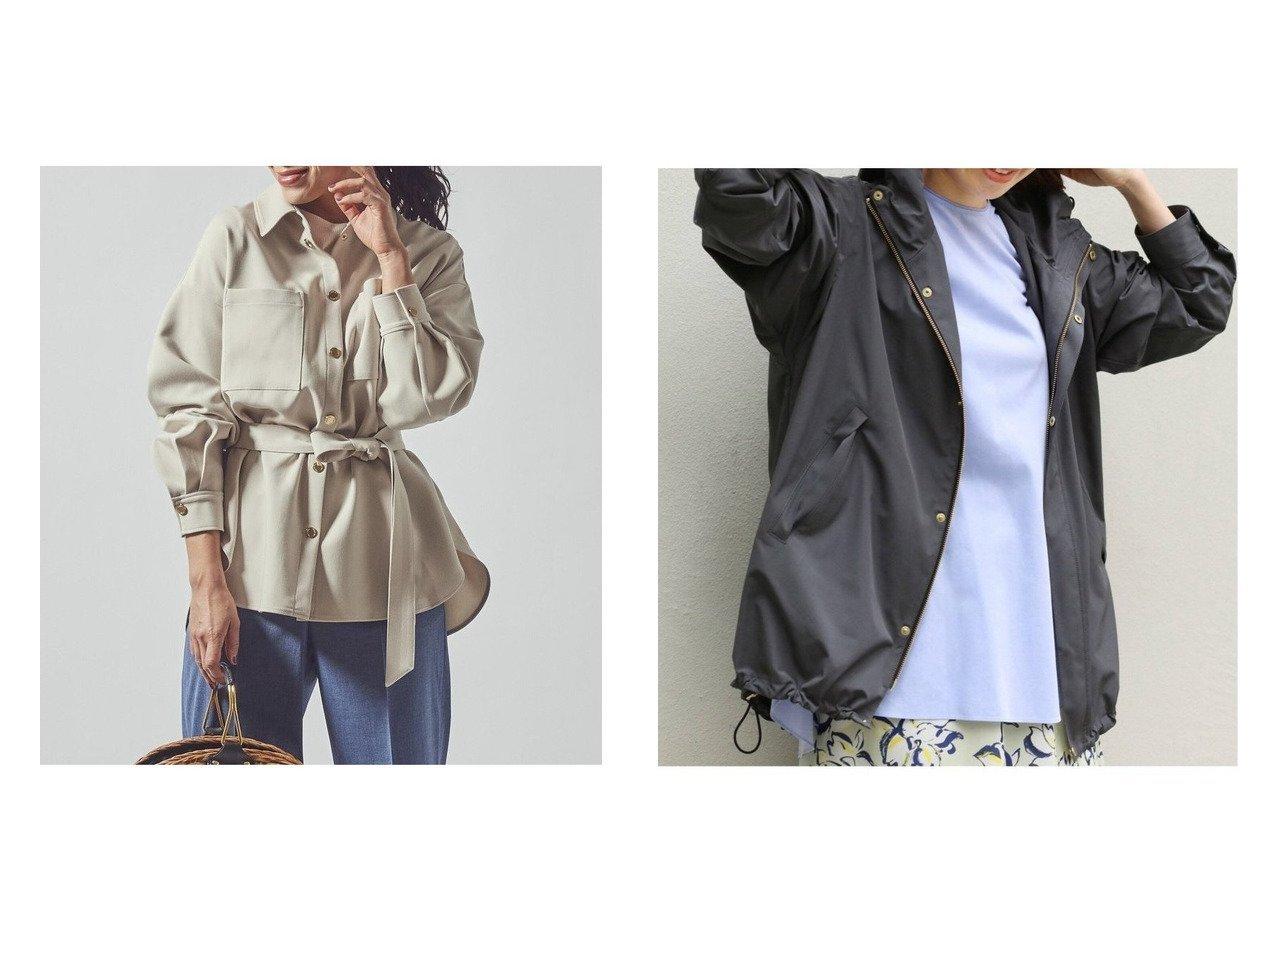 【Viaggio Blu/ビアッジョブルー】のウエストベルト付きダブルクロスCPOジャケット&【IENA/イエナ】のCタフタフーデットブルゾン 【アウター】おすすめ!人気、トレンド・レディースファッションの通販 おすすめで人気の流行・トレンド、ファッションの通販商品 メンズファッション・キッズファッション・インテリア・家具・レディースファッション・服の通販 founy(ファニー) https://founy.com/ ファッション Fashion レディースファッション WOMEN アウター Coat Outerwear コート Coats ジャケット Jackets テーラードジャケット Tailored Jackets ベルト Belts ブルゾン Blouson/Jackets ジャケット ダブル ボトム ショート スポーツ タフタ 定番 Standard 人気 ヨーク ロング 2021年 2021 S/S・春夏 SS・Spring/Summer 2021春夏・S/S SS/Spring/Summer/2021  ID:crp329100000034227